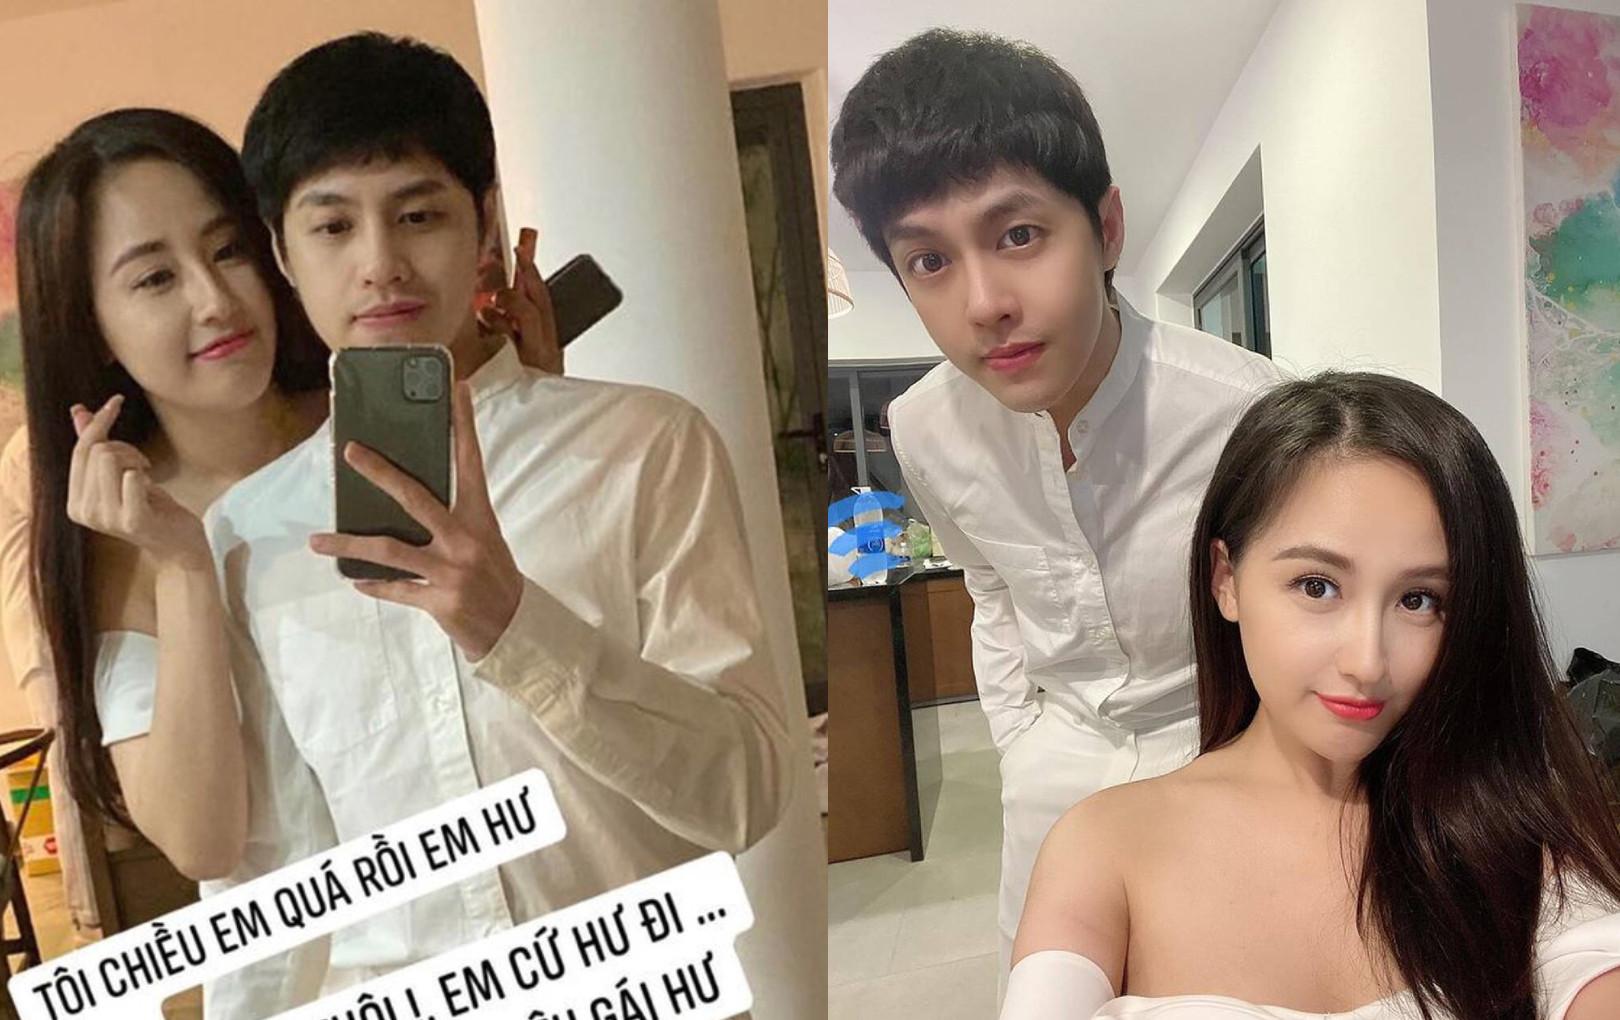 """Mai Phương Thuý bị """"dòm ngó"""", Noo Phước Thịnh đáp trả: """"Chỉ muốn bụp mấy ông ngắm vợ mình"""""""